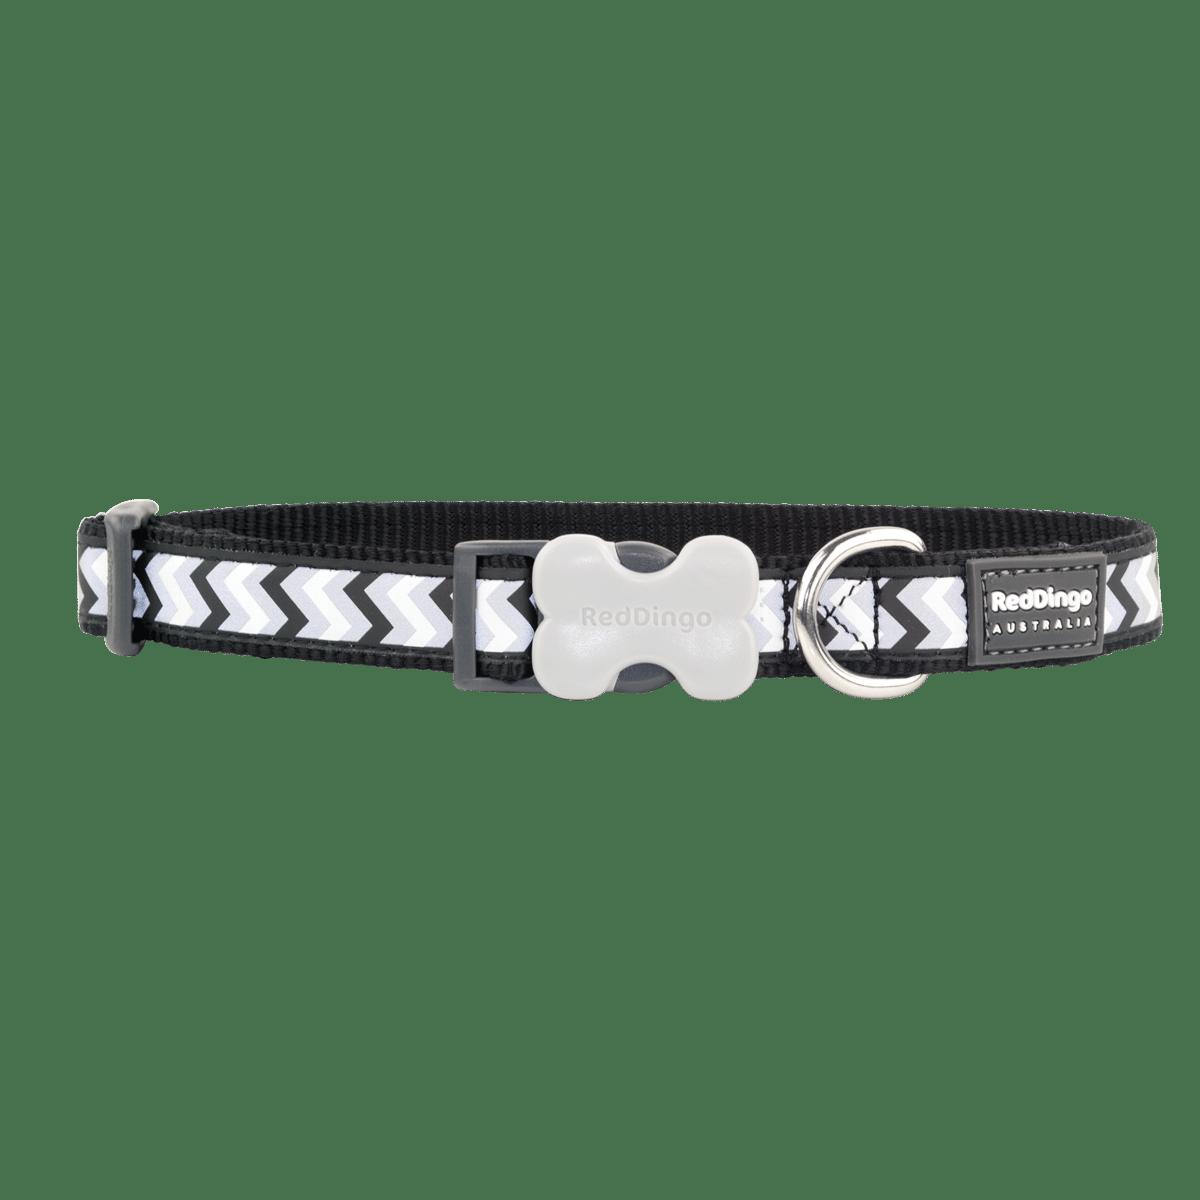 Elegant hundhalsband av hög kvalitet